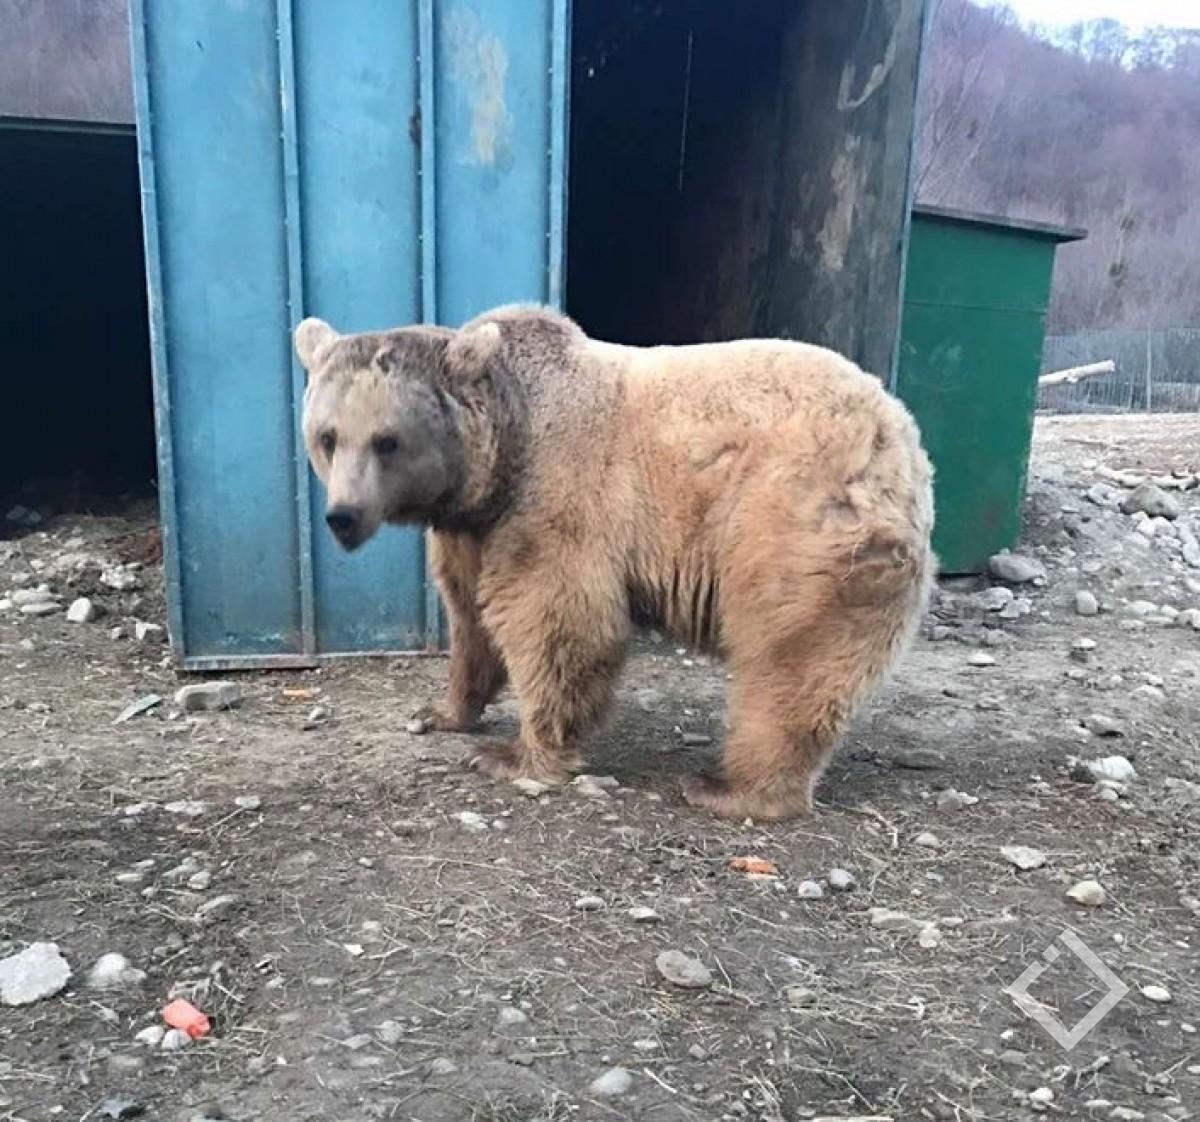 მოხეტიალე ცირკის თანამშრომლებმა დათვი დაატყვევეს - გარემოს დაცვა